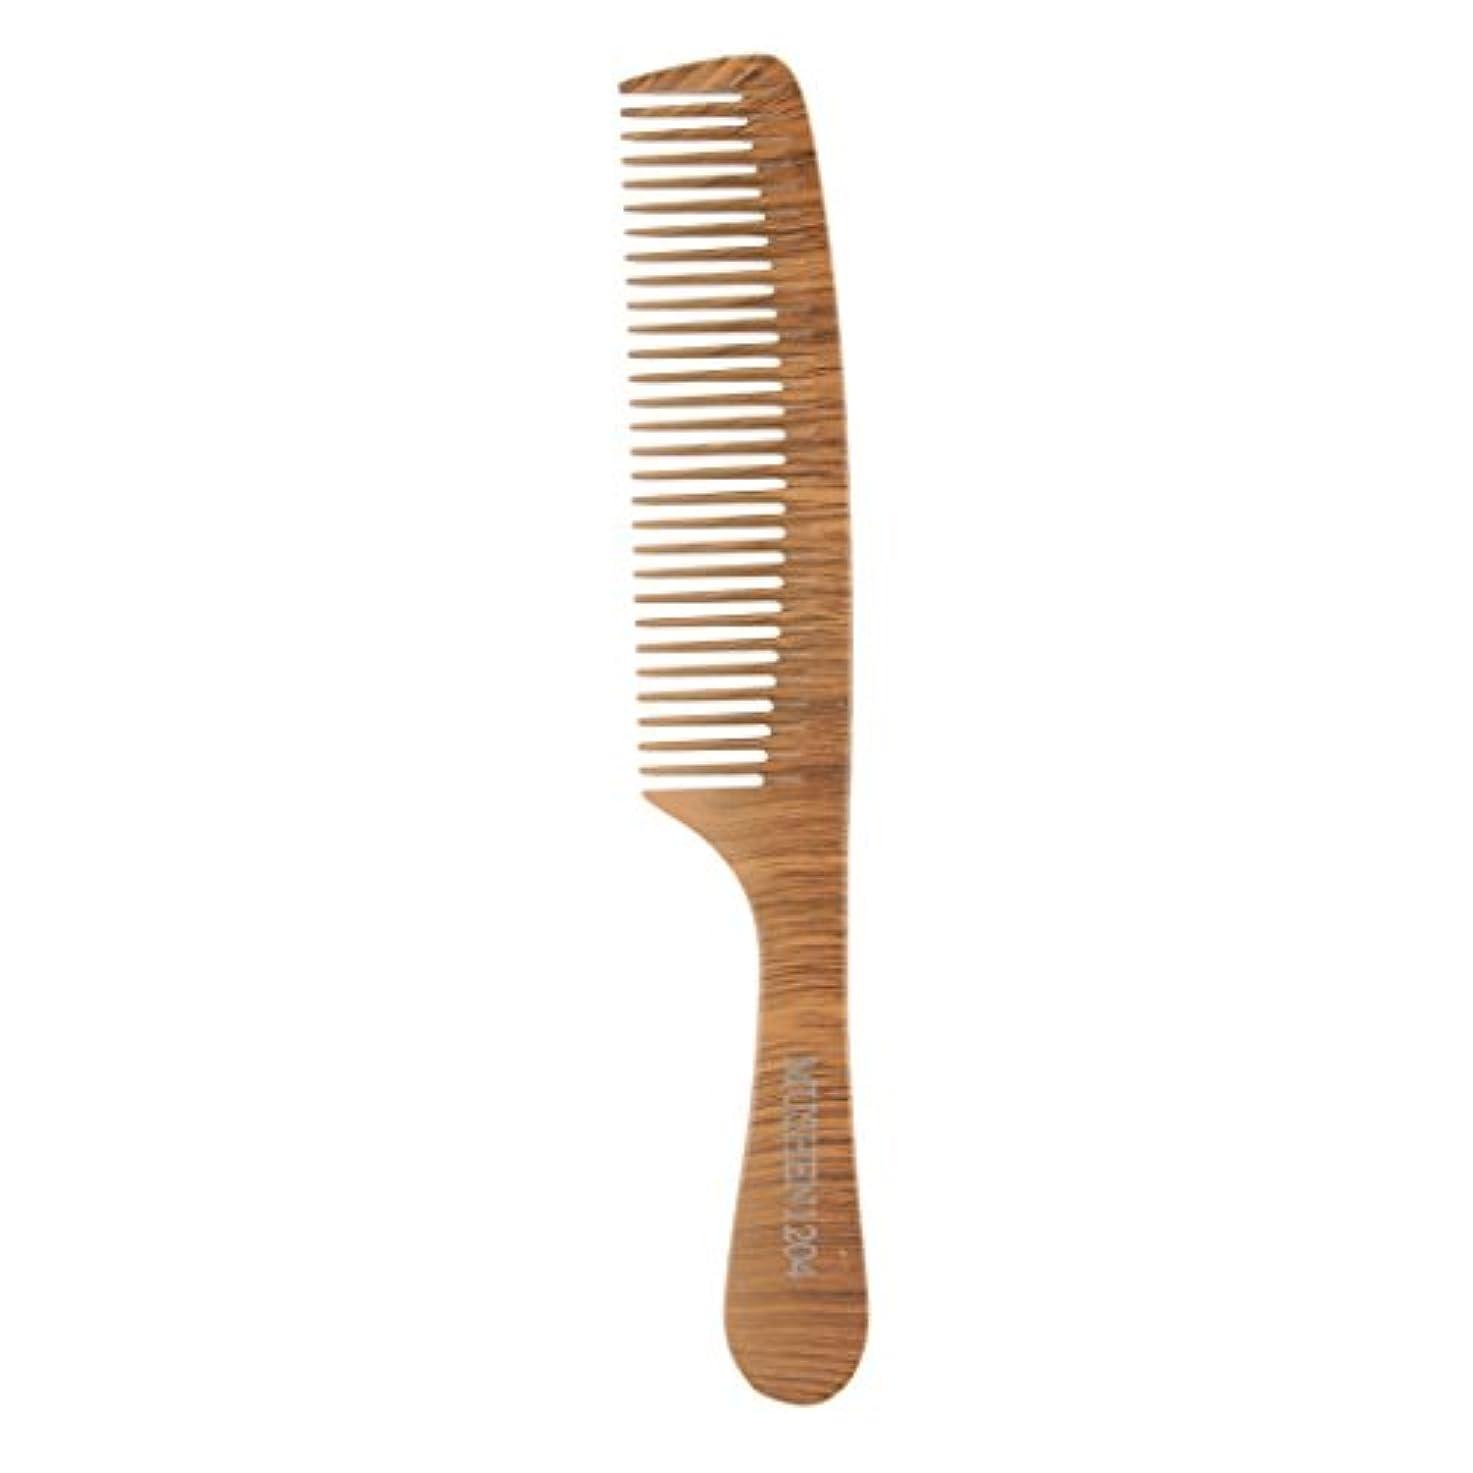 南ほかに部屋を掃除する木の理髪のスタイリングの櫛、大広間およびホテルのヘアケアツールのための頑丈な細かい歯の毛の櫛 - 1204